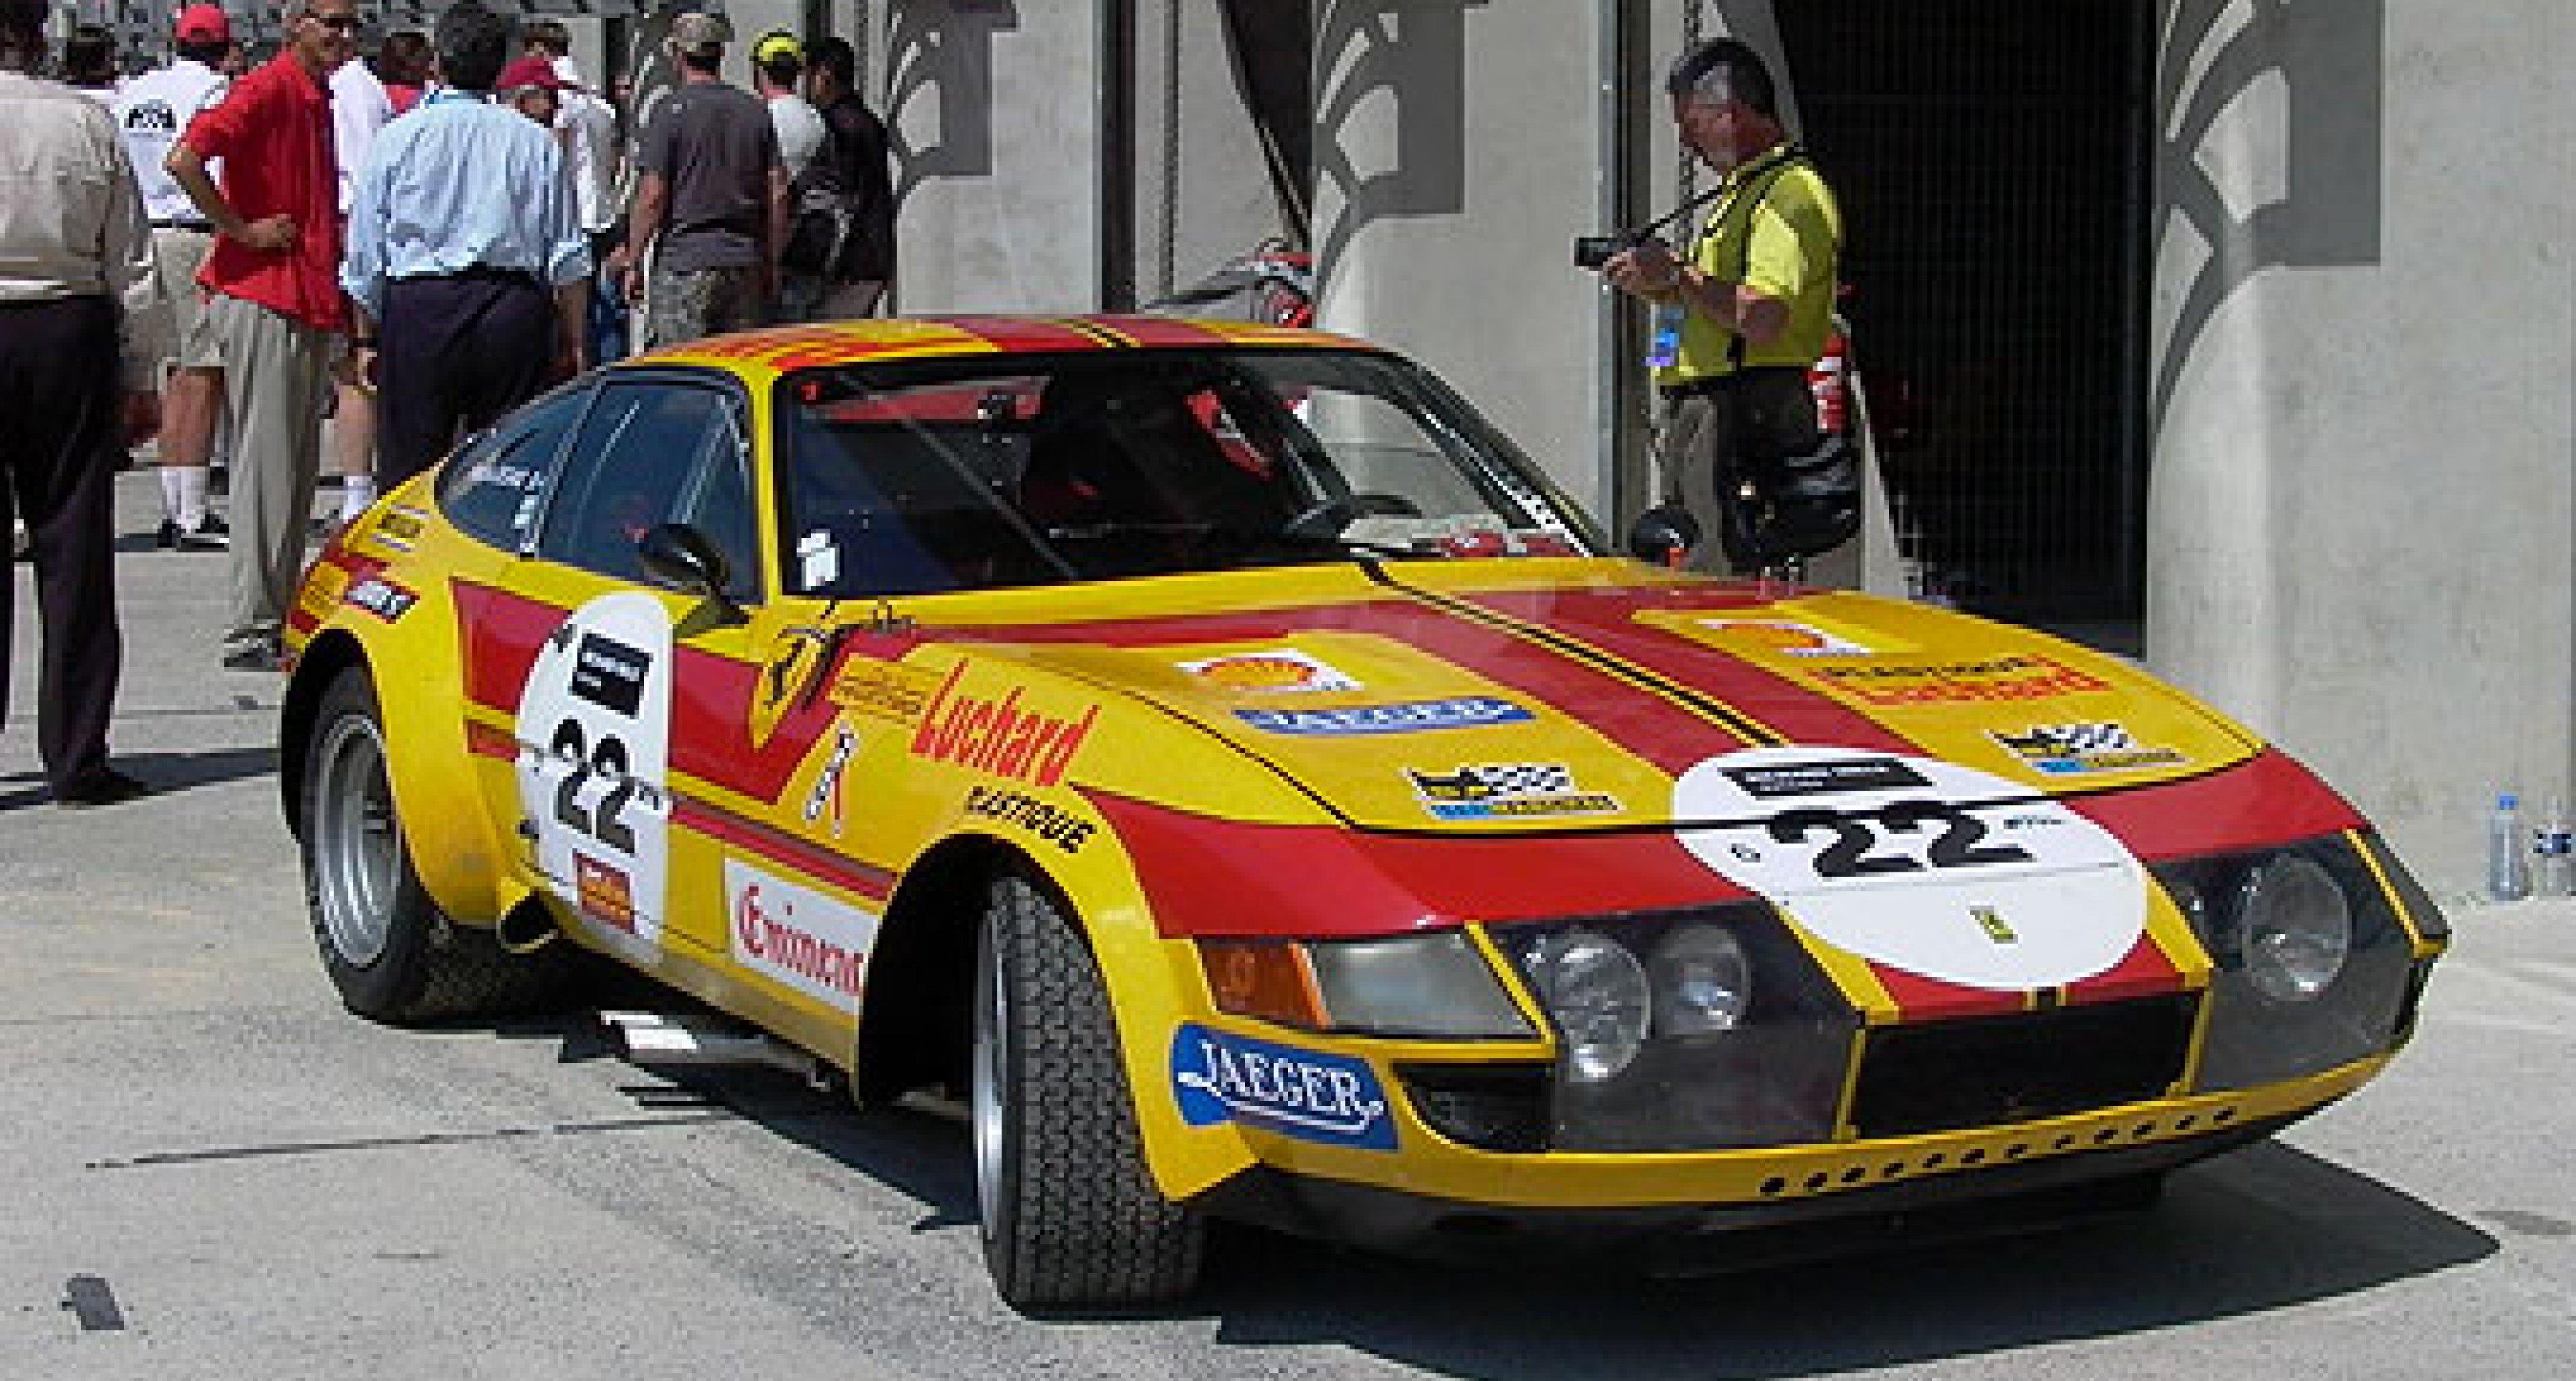 Le Mans Classic 2006 - Preview